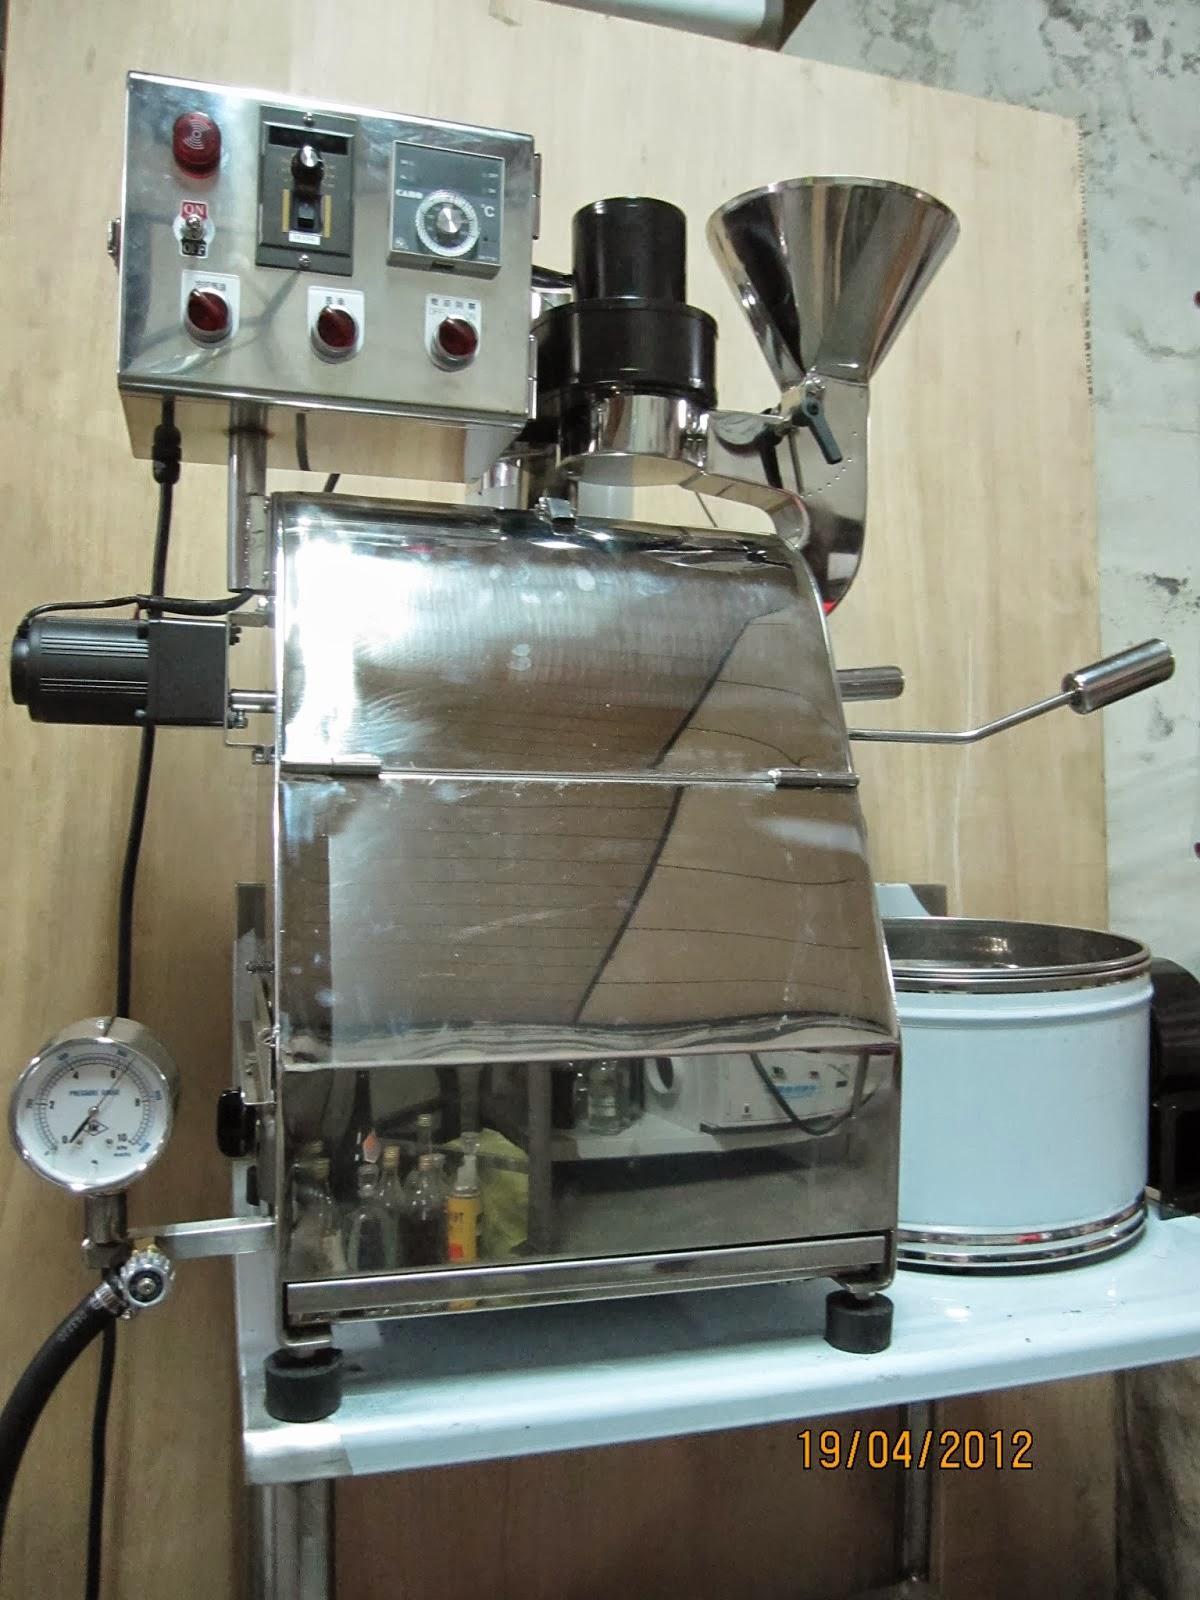 【咖啡·二手】二手咖啡烘豆機 – TouPeenSeen部落格